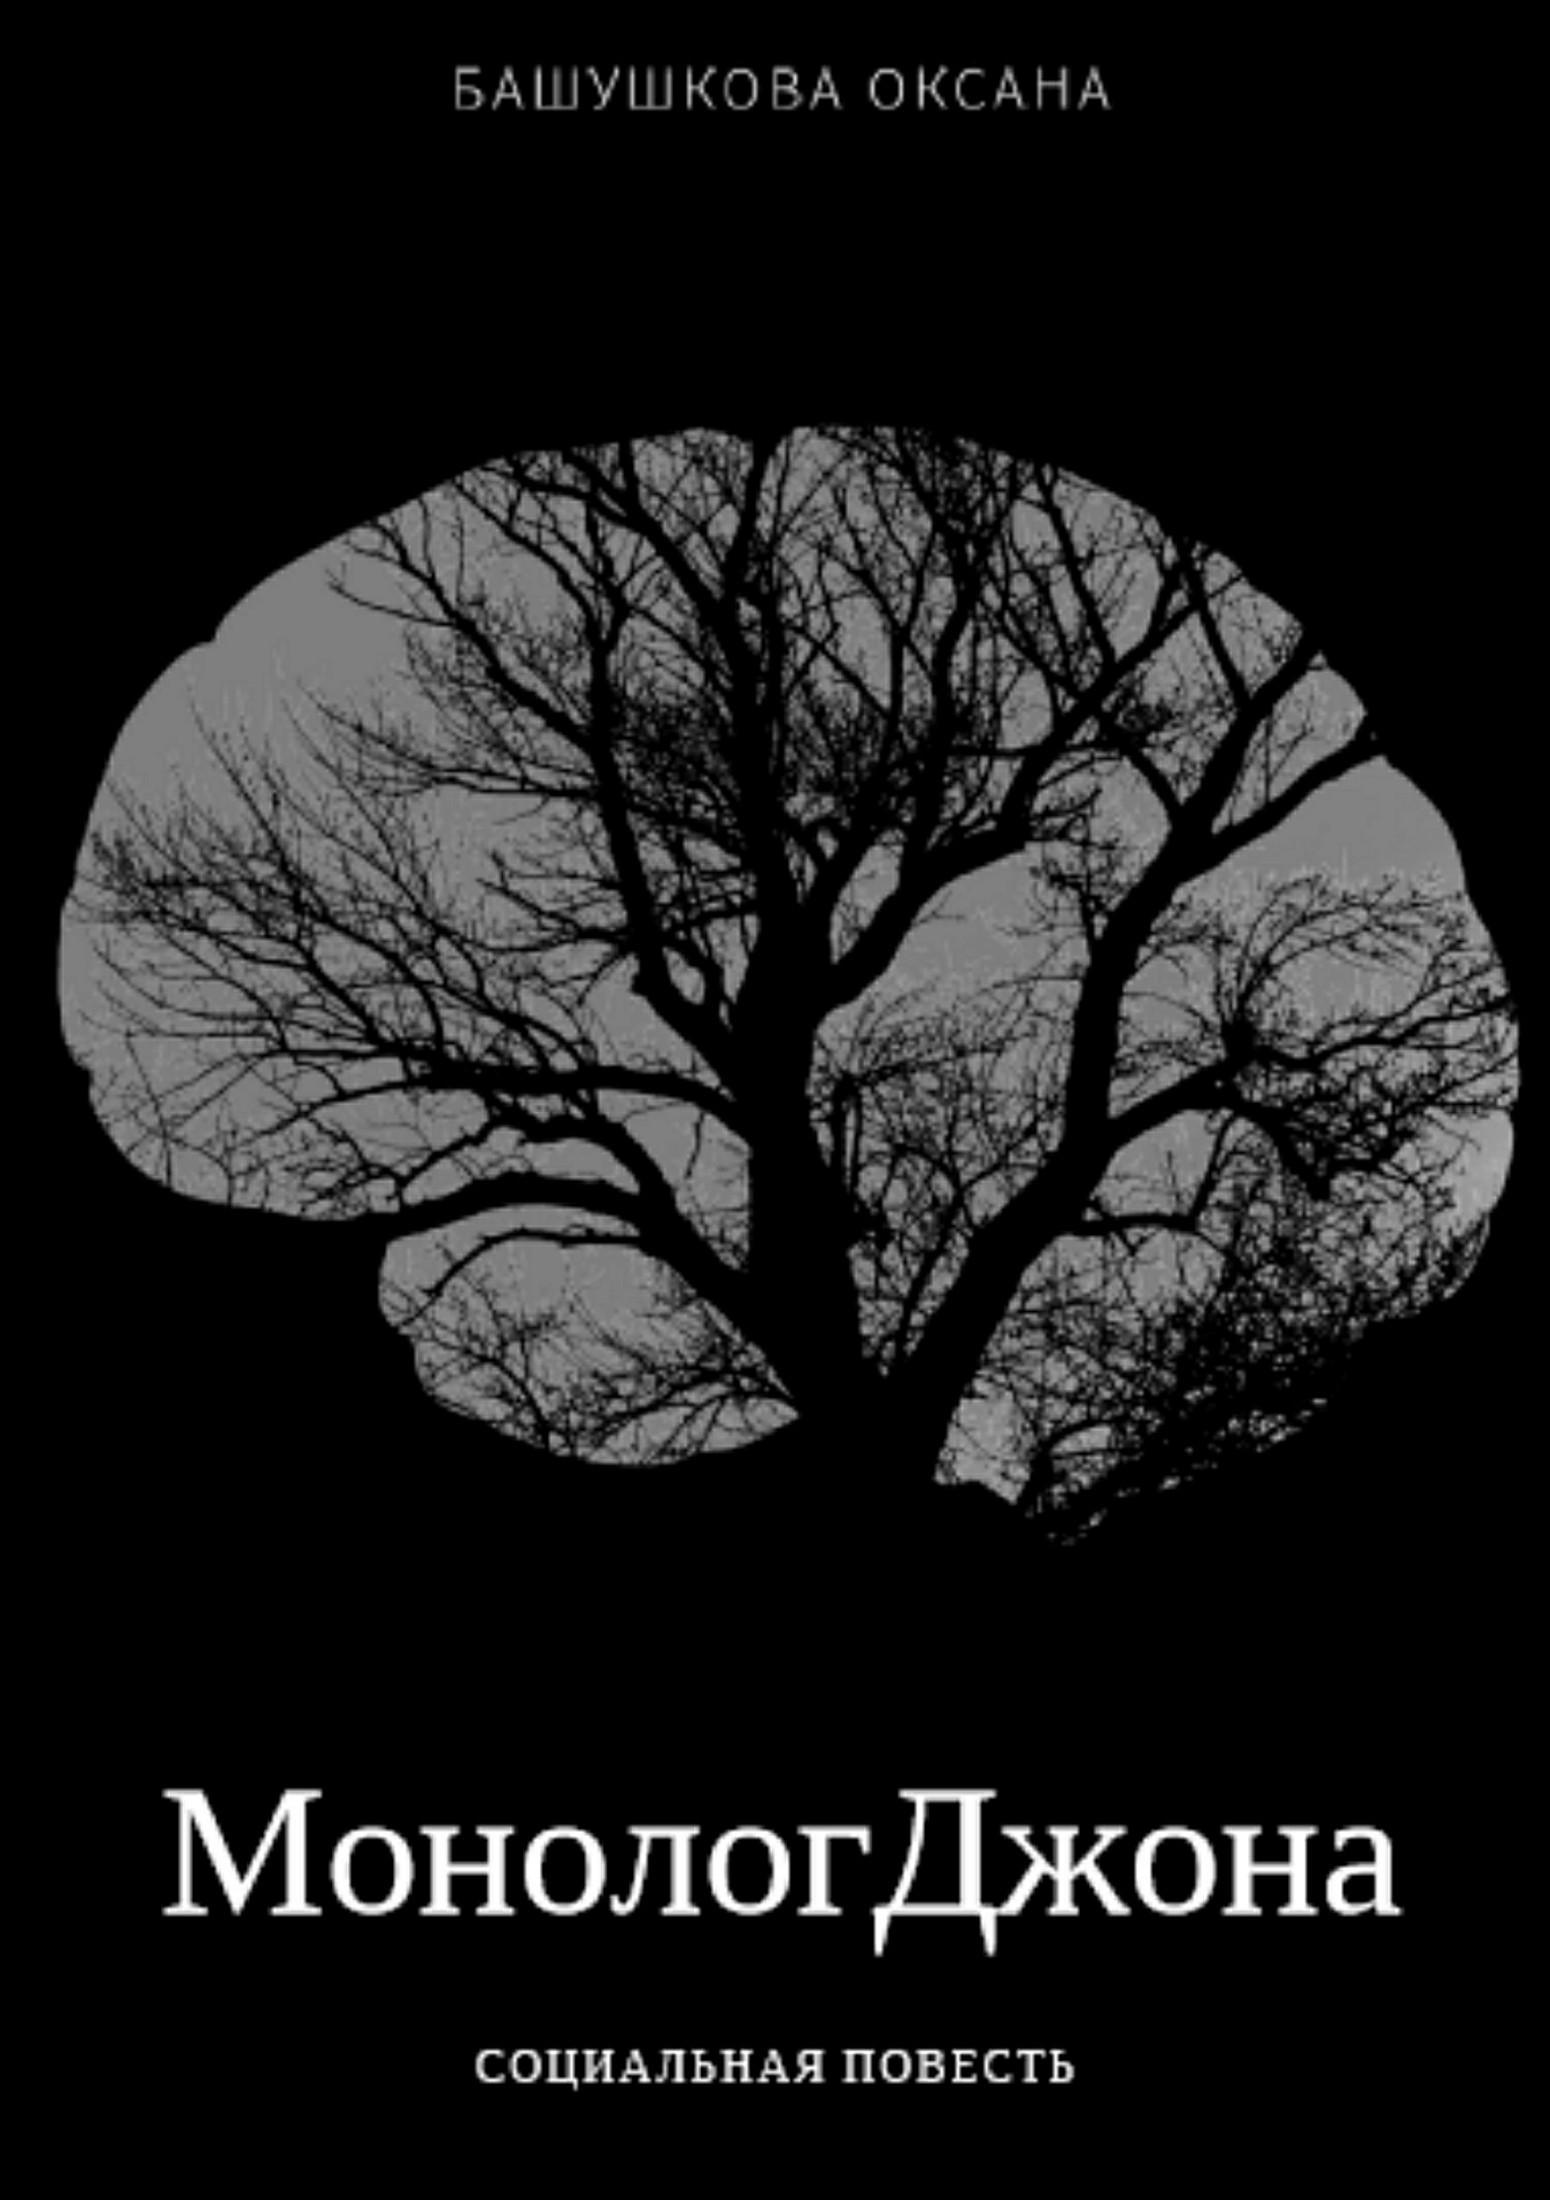 Монолог Джона